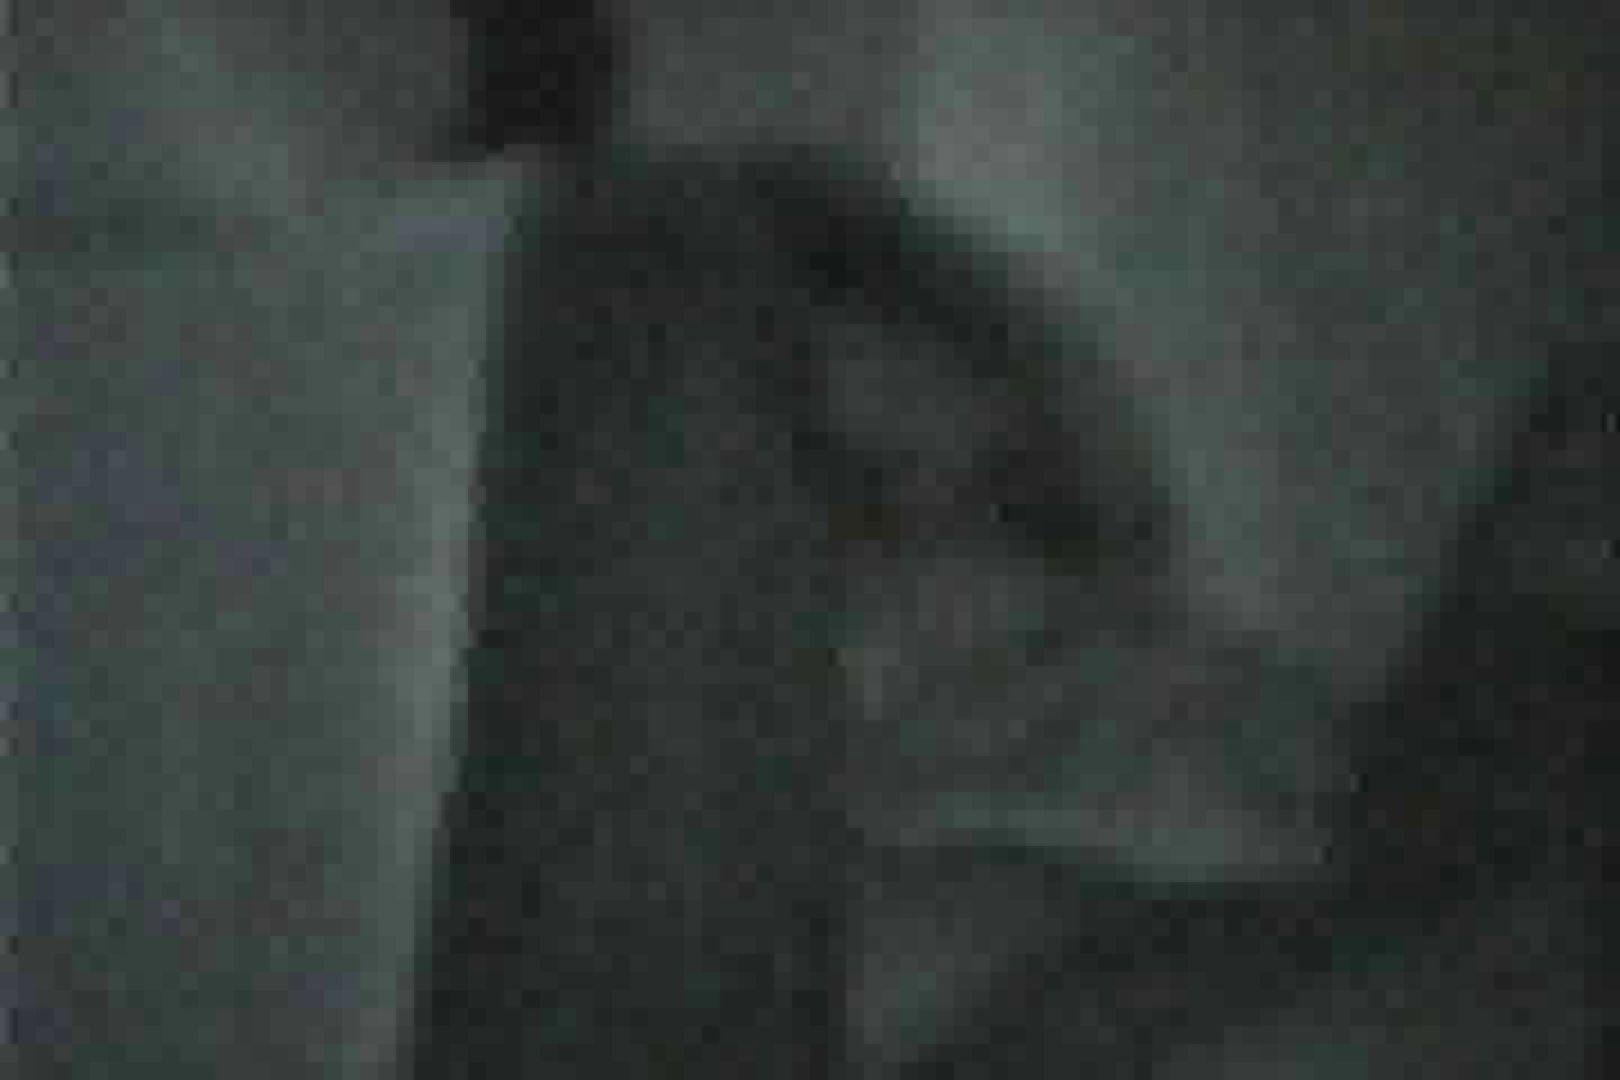 充血監督の深夜の運動会Vol.27 フェラチオシーン セックス無修正動画無料 78pic 78